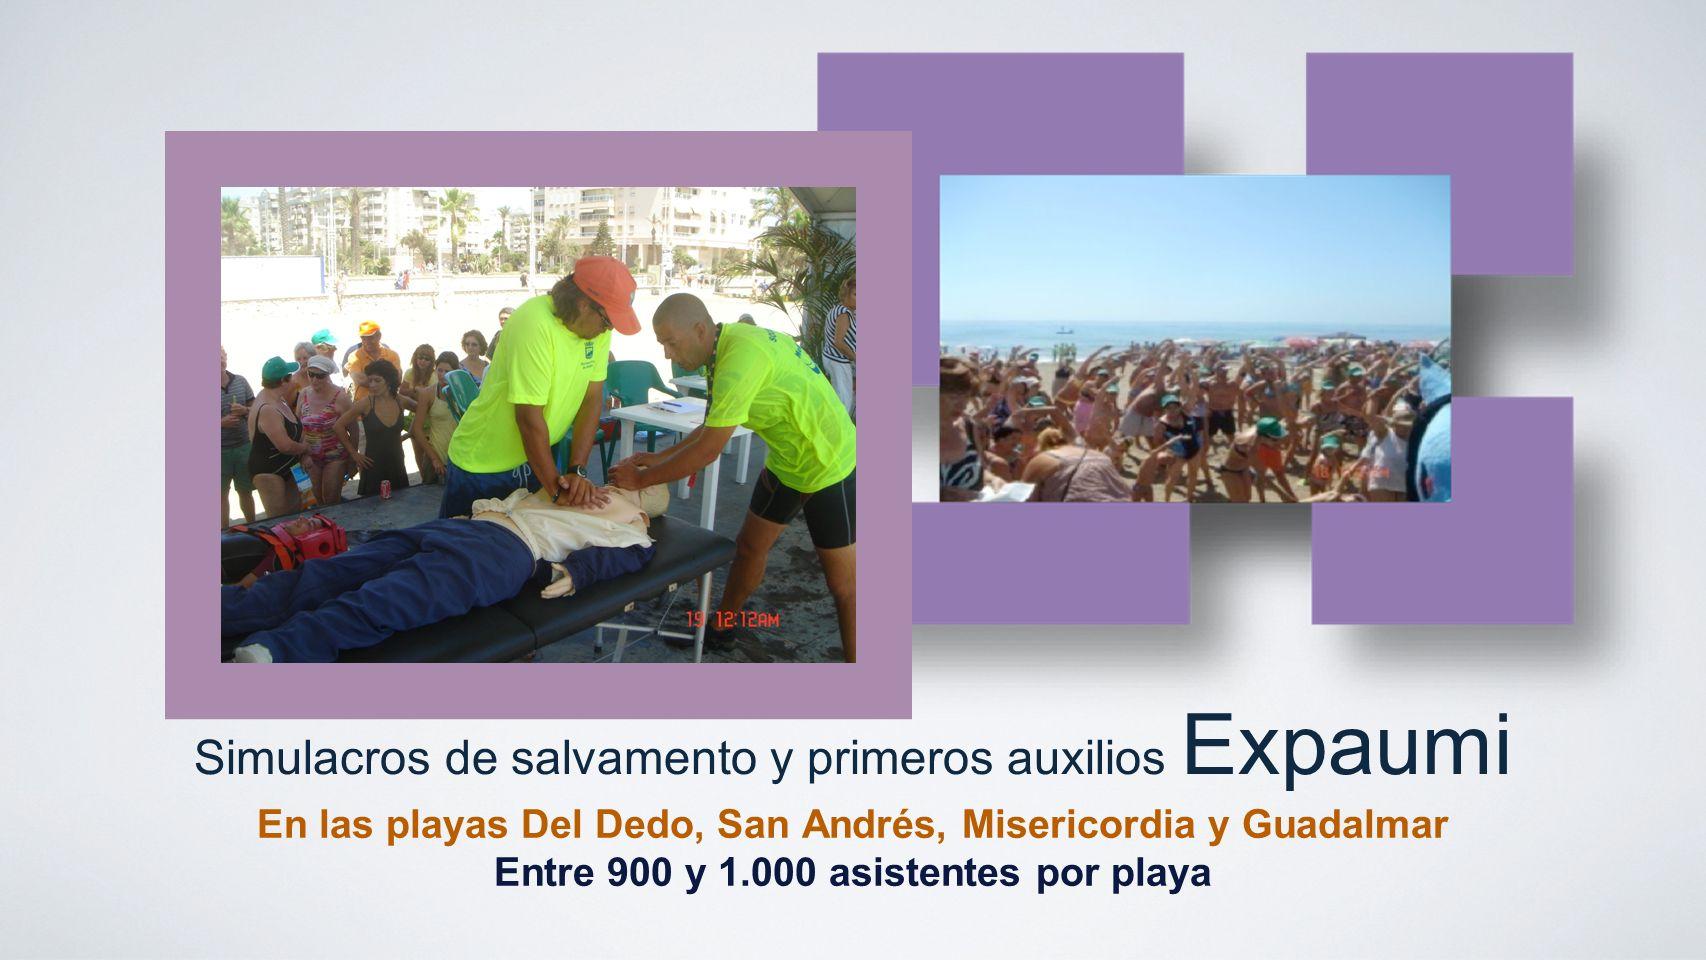 Simulacros de salvamento y primeros auxilios Expaumi En las playas Del Dedo, San Andrés, Misericordia y Guadalmar Entre 900 y 1.000 asistentes por pla